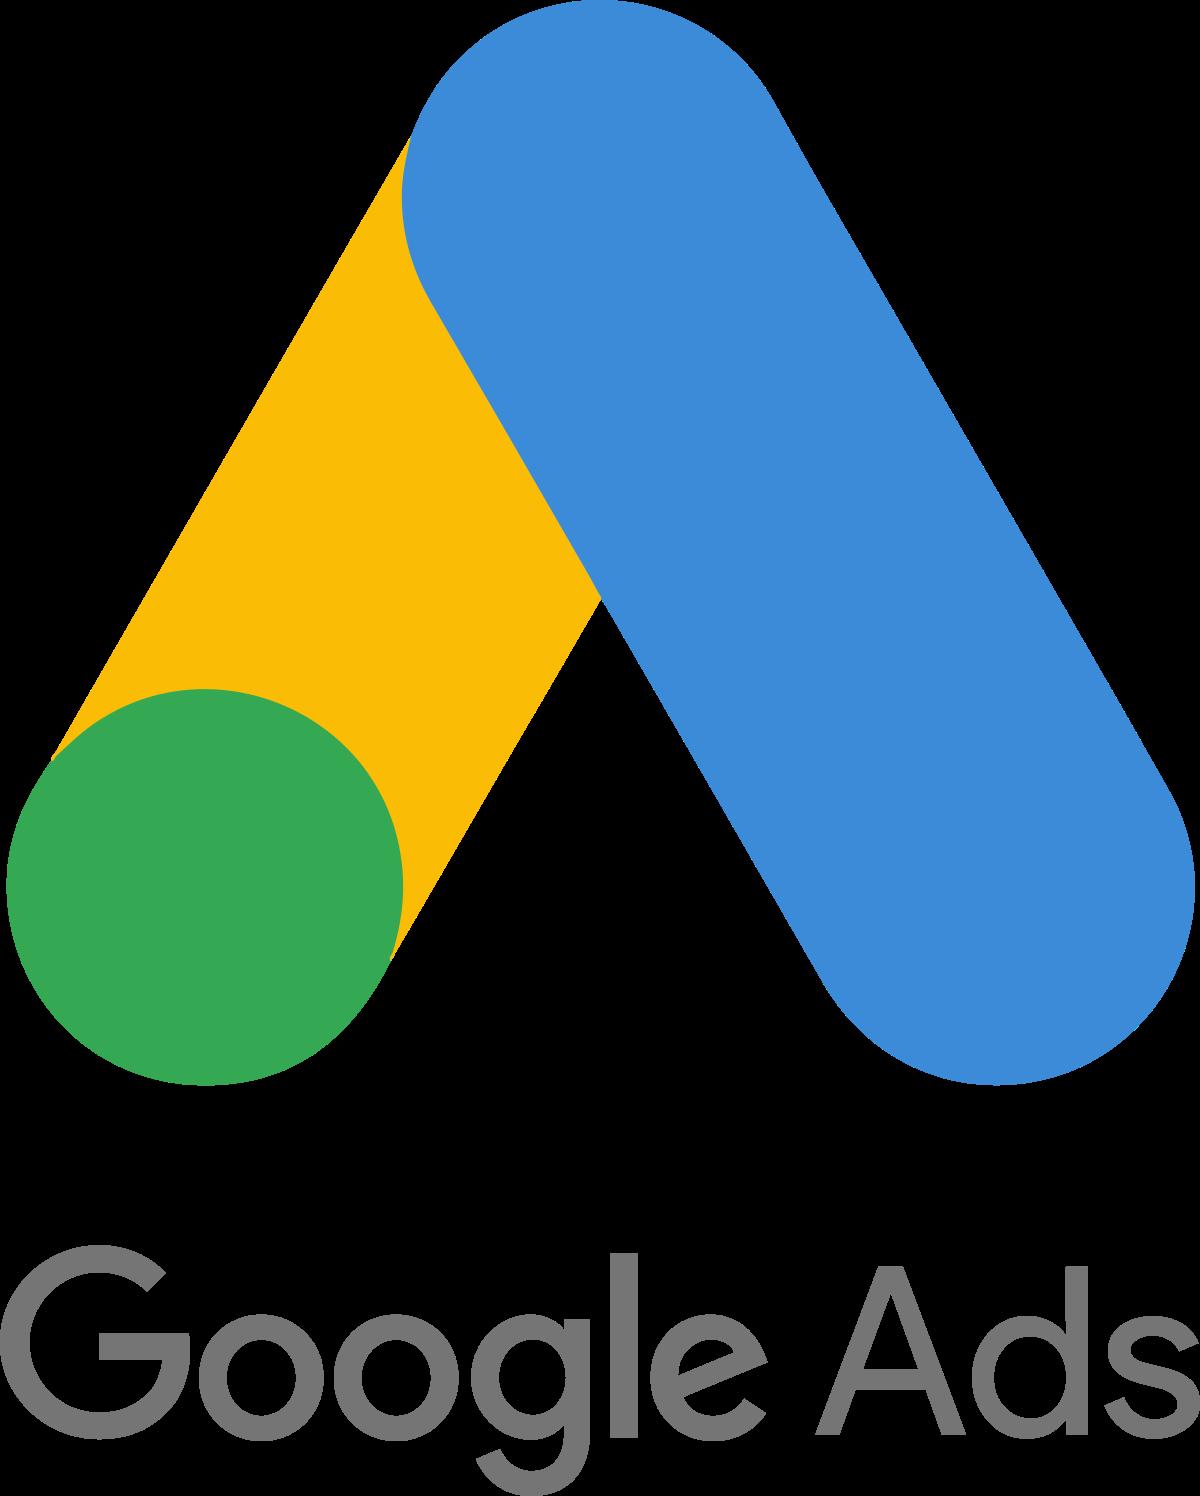 Google Ads   Wikipedia 1200x1496